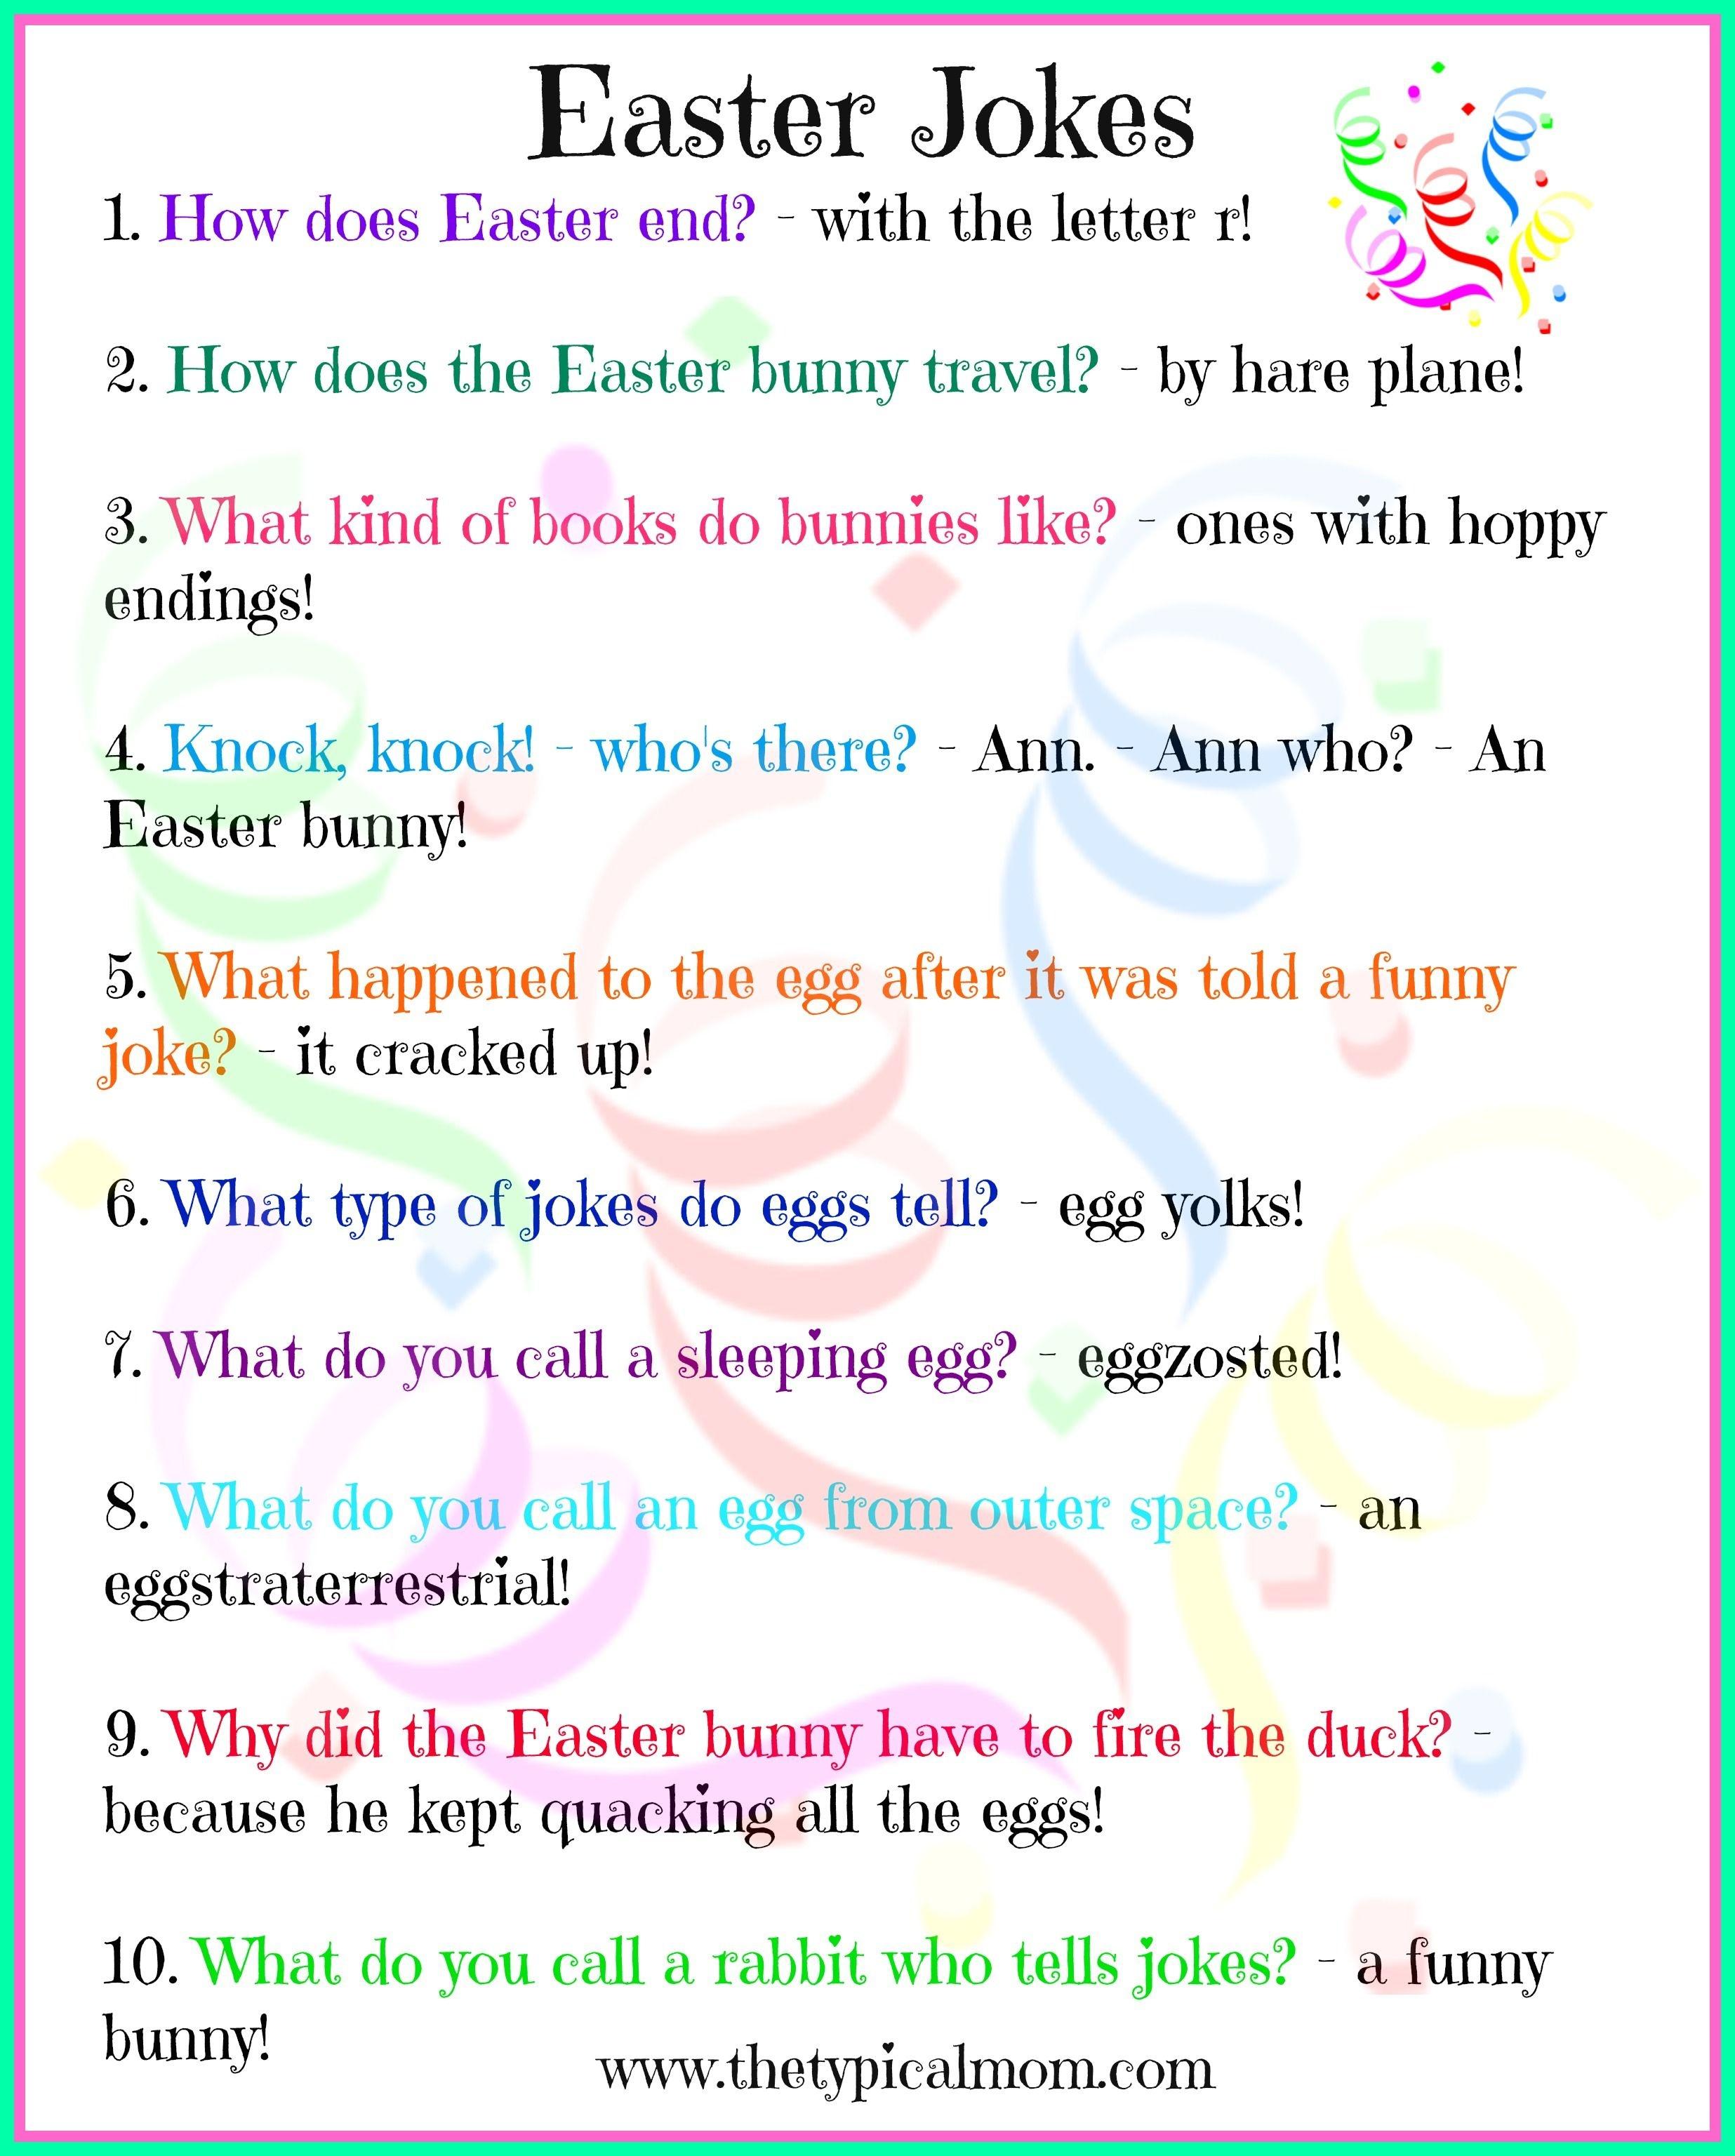 Free Printable Easter Jokes For Kids! Kids Love Jokes And Here Are - Free Printable Jokes For Adults